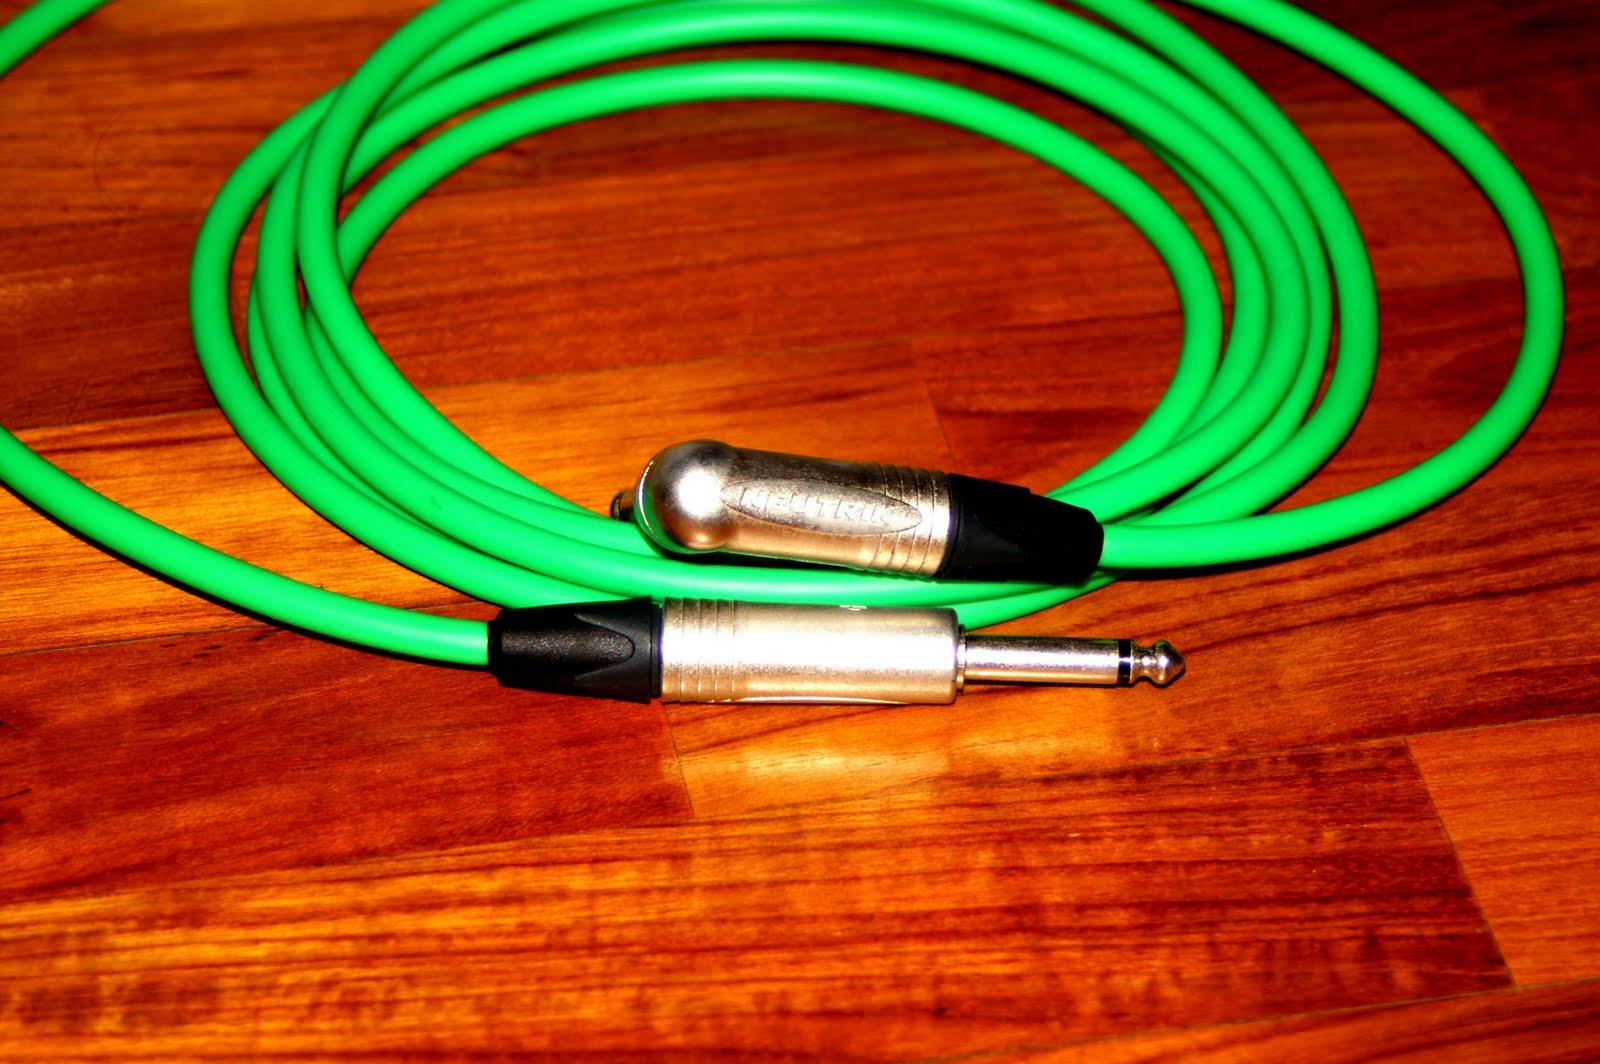 ザギターオタク The Guitar Otaku: Canare cables and Neutrik Jacks